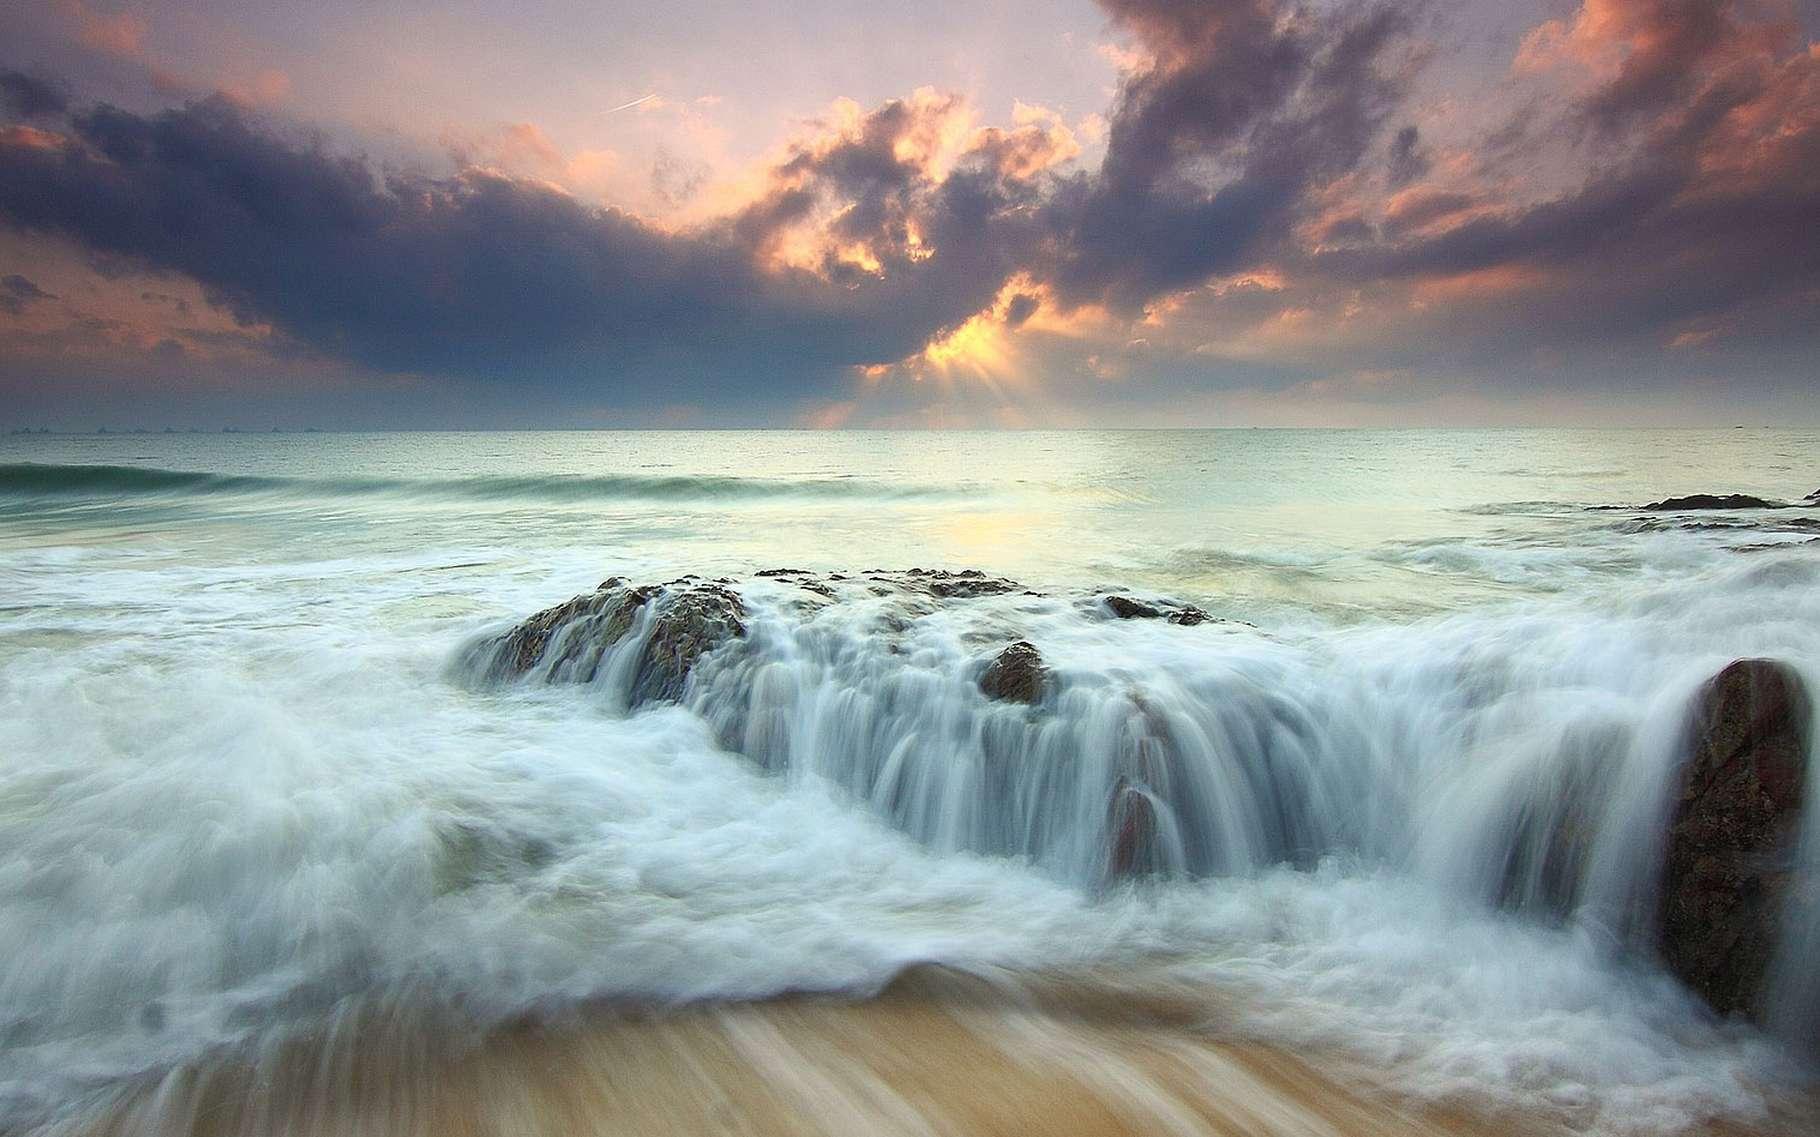 Comment l'eau devient-elle et reste-t-elle liquide ? Où peut-on en trouver ailleurs que sur Terre ? D'où vient celle de notre planète ? Des questions centrales pour comprendre la vie ici et ailleurs... © DR